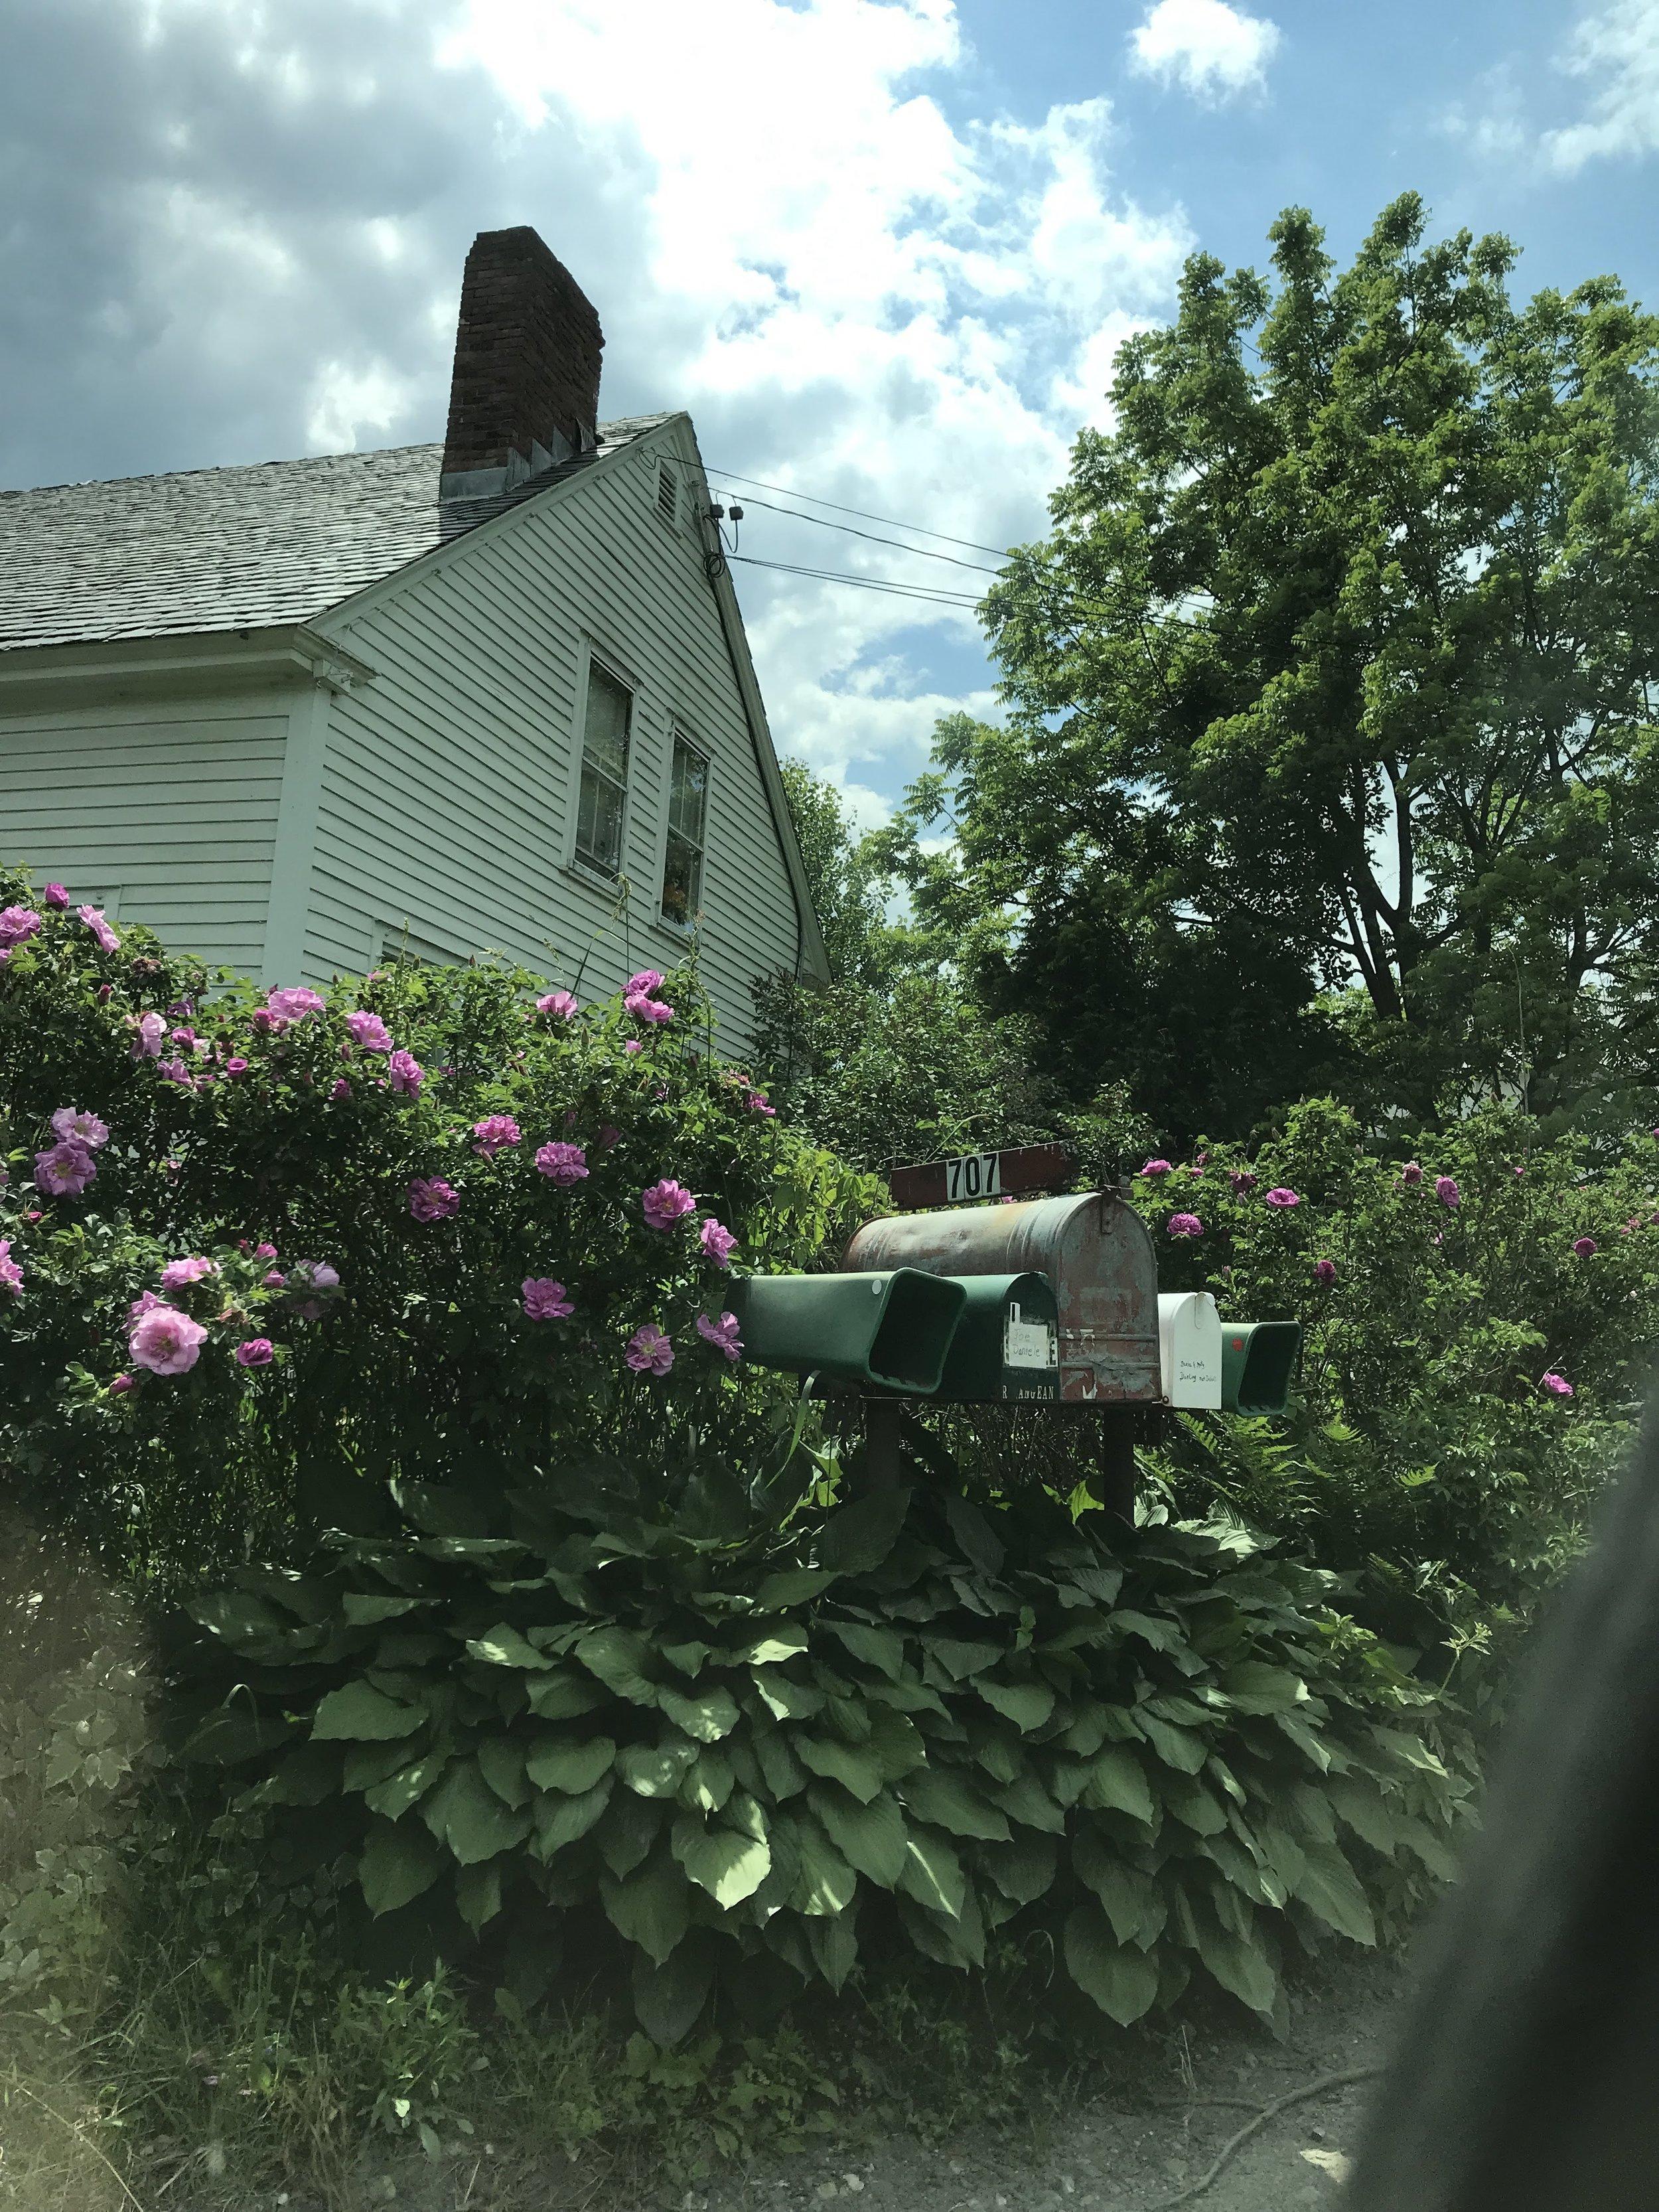 Is this Rudyard Kipling's home